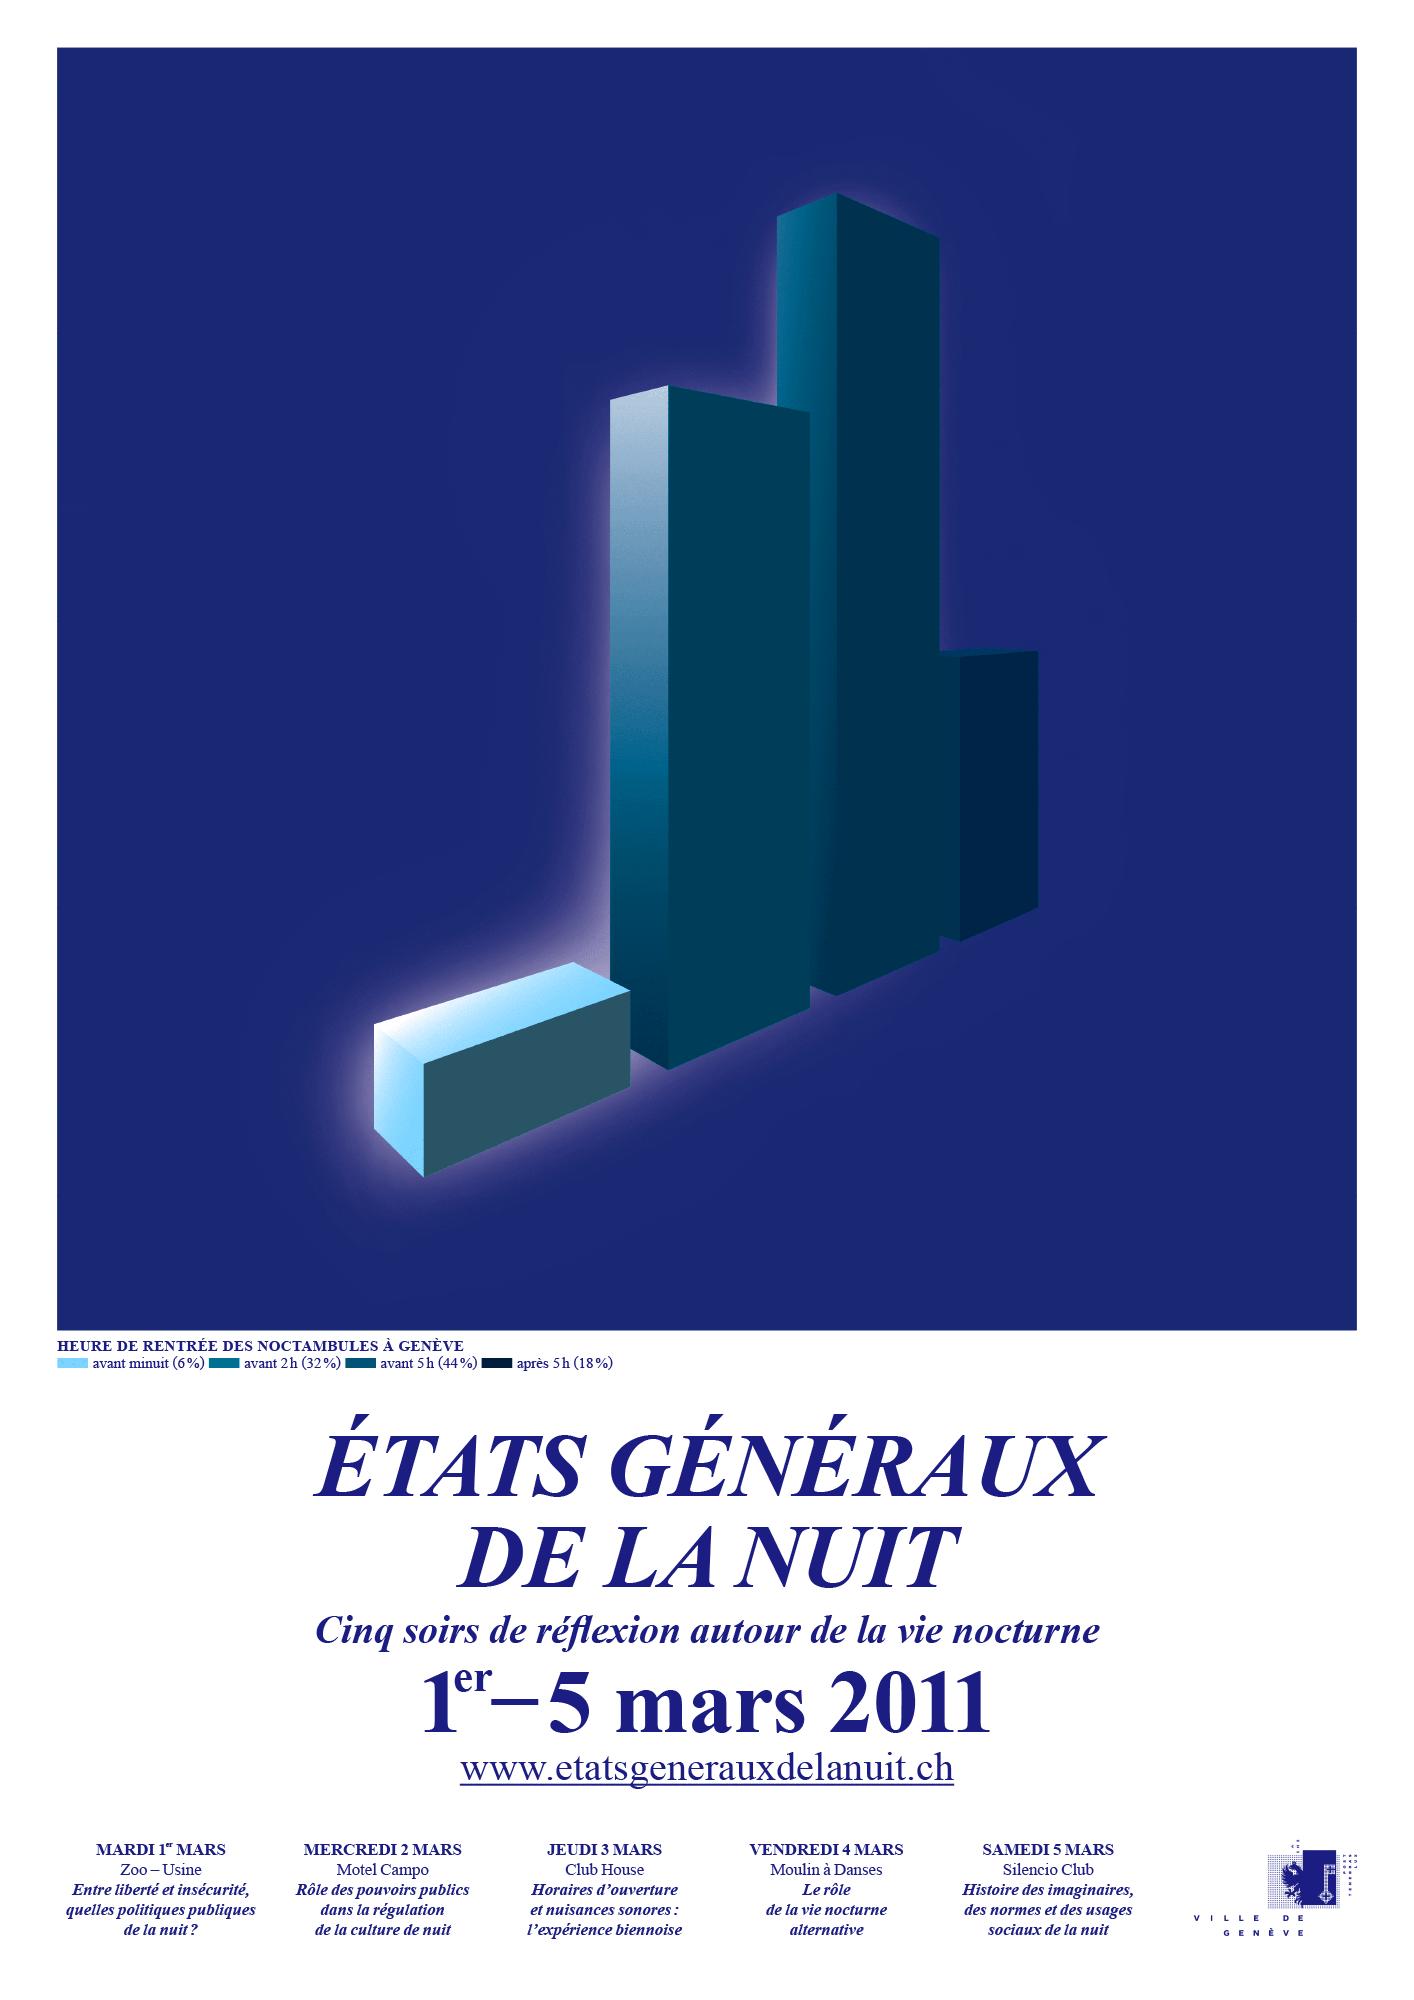 Série de conférences faisant suite à la publication d'un rapport sur la vie nocturne à Genève. Les graphiques du rapport ont été transformés en illustrations et la police du rapport reprise.